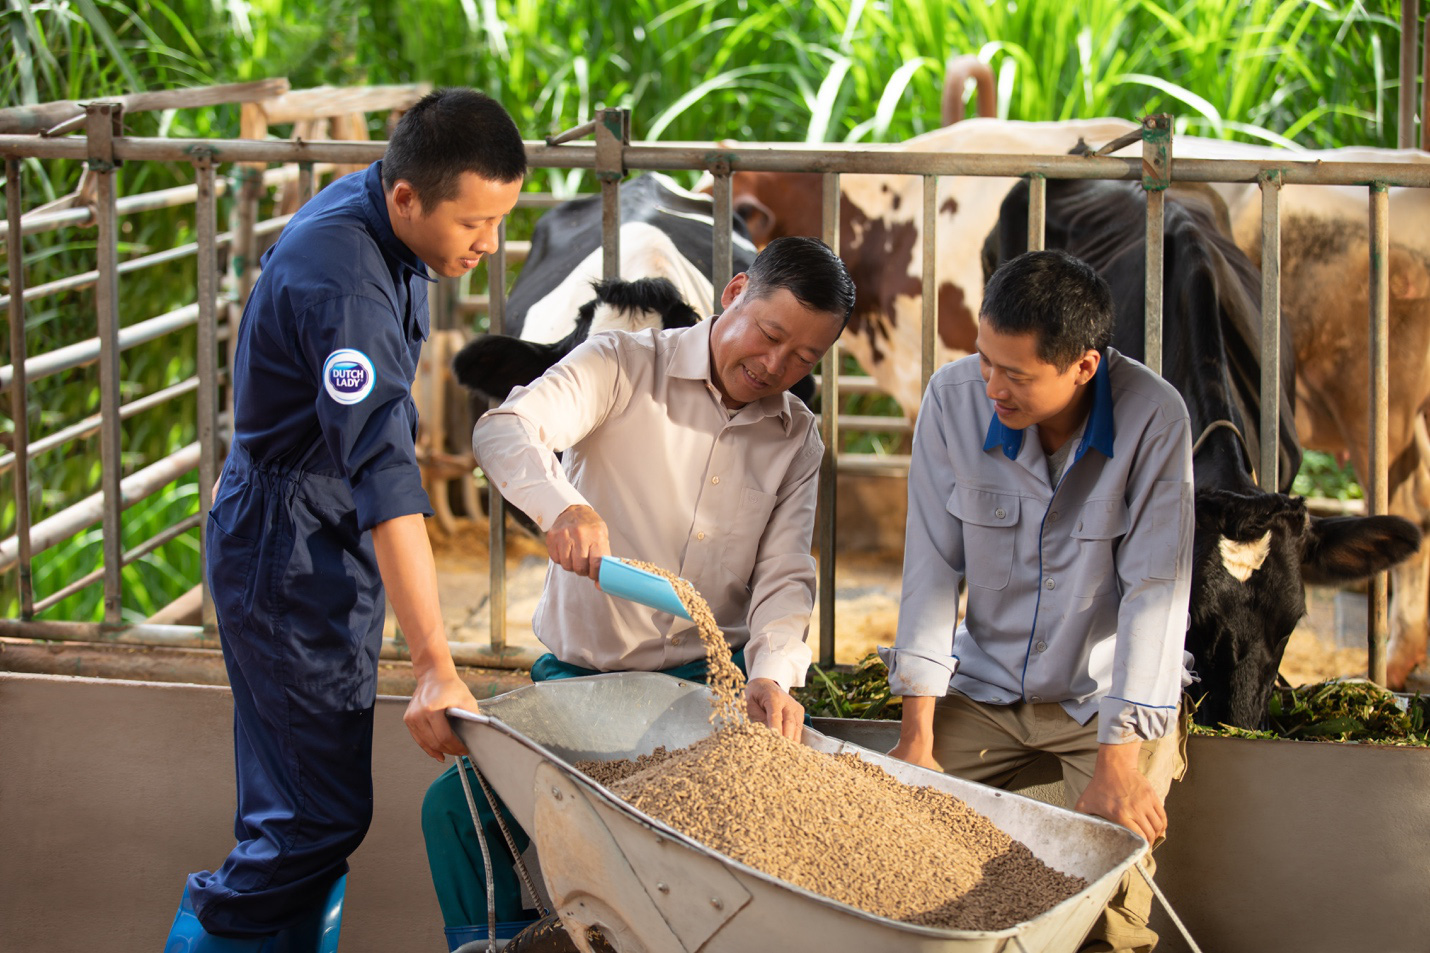 Theo chân nhiếp ảnh gia nổi tiếng: Bất ngờ trước nỗ lực sản xuất dòng sữa chuẩn Hà Lan của nhiều thế hệ nông dân Việt - Ảnh 3.